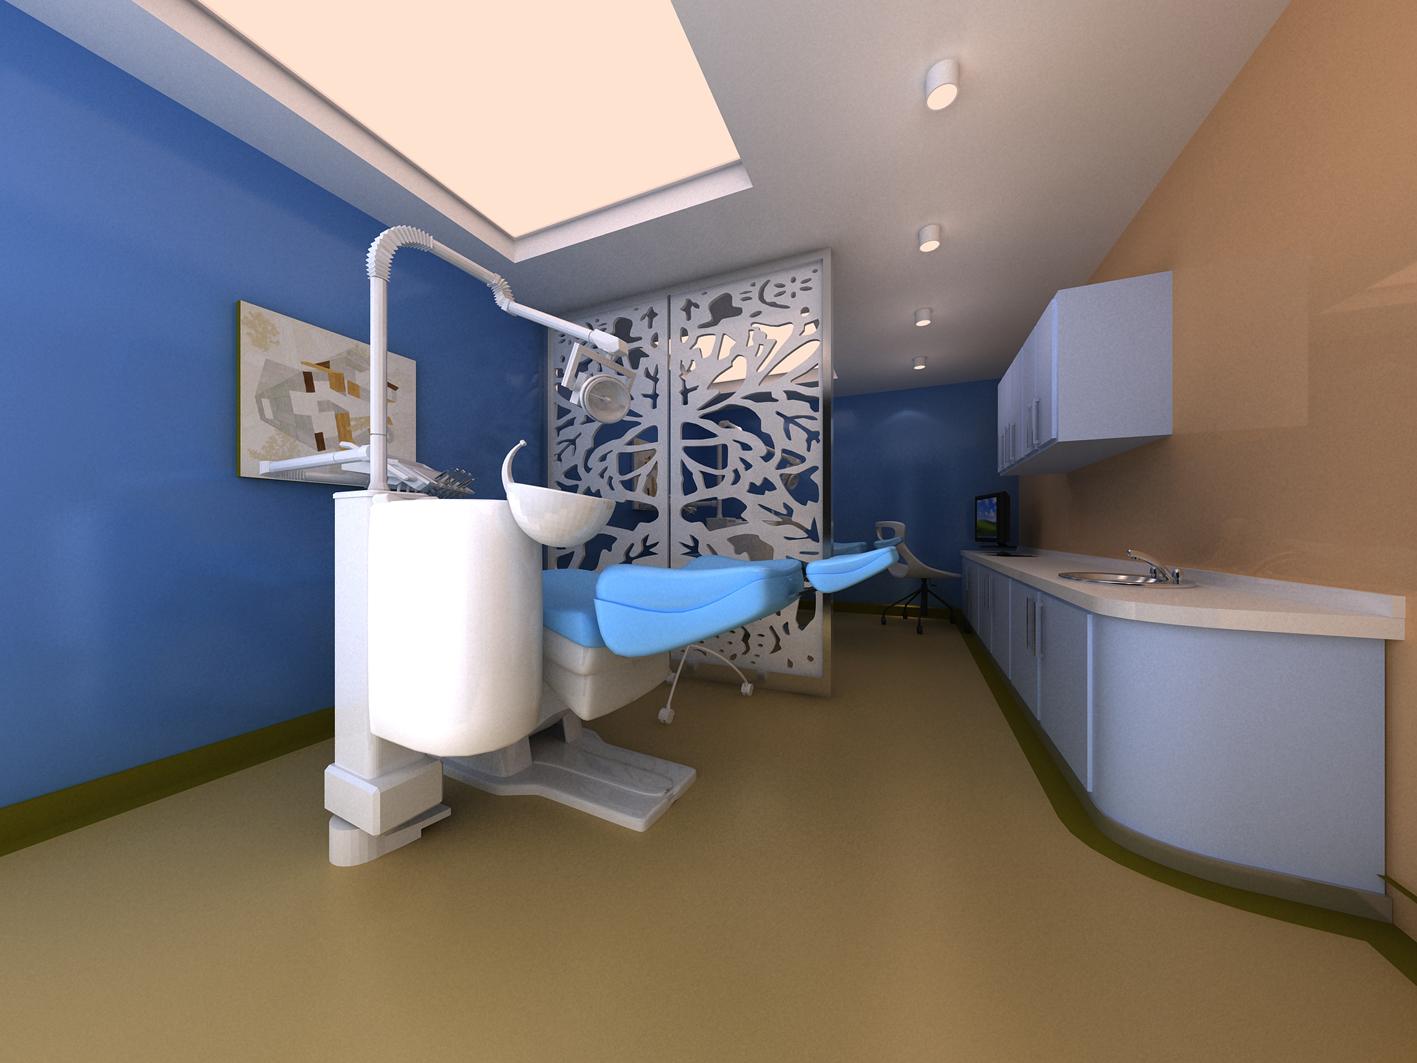 口腔医院牙科诊所设计-口腔医院牙科诊所装修设计